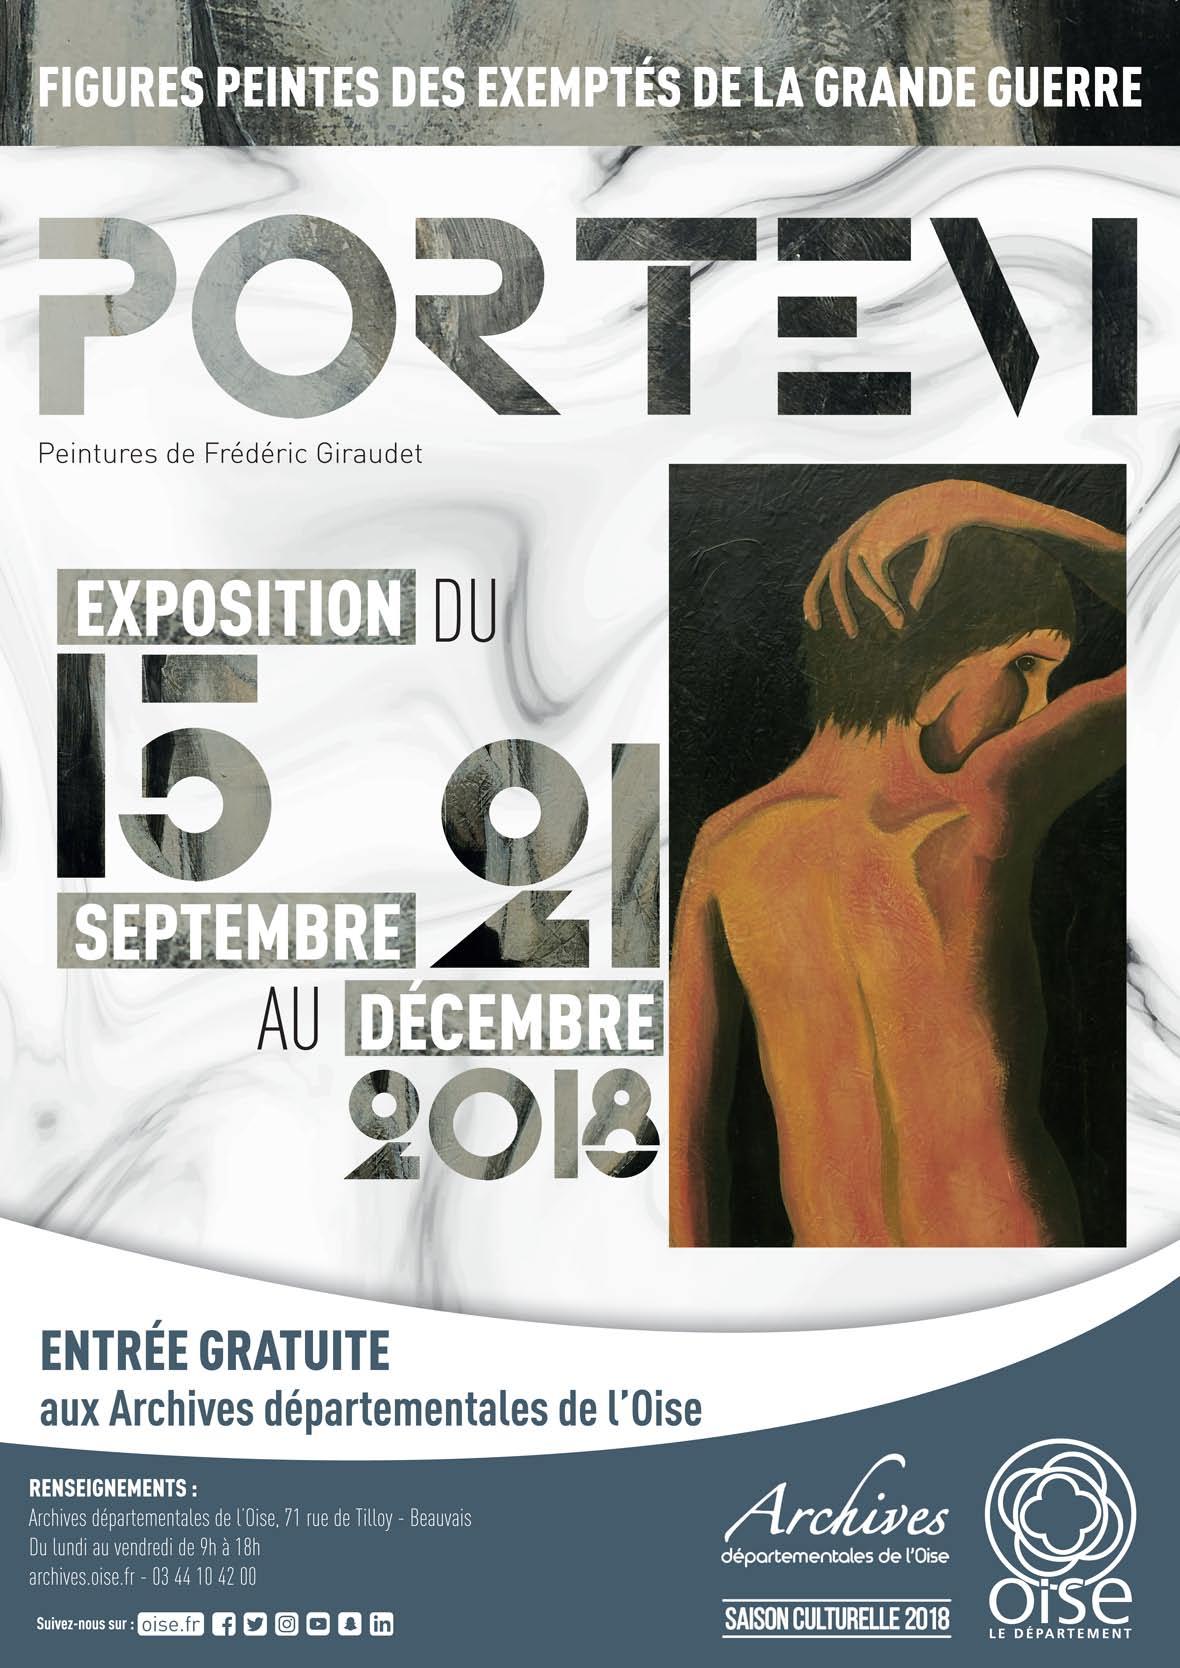 PORTEM, crédit photo : Conseil départemental de l'Oise